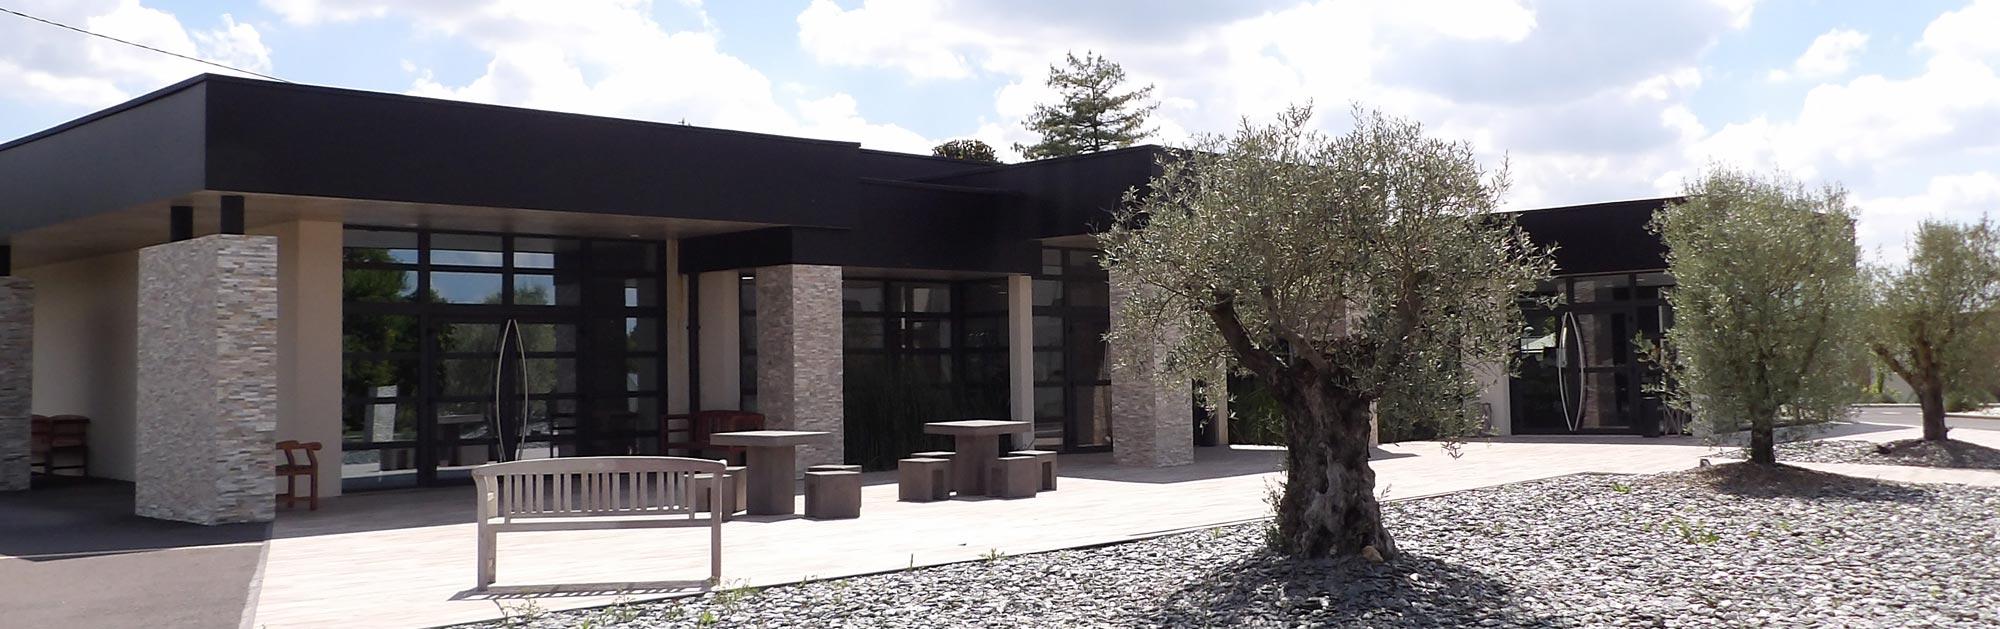 Constructeur De Maison Rennes geb châteaubourg | groupement des entreprises du bâtiment